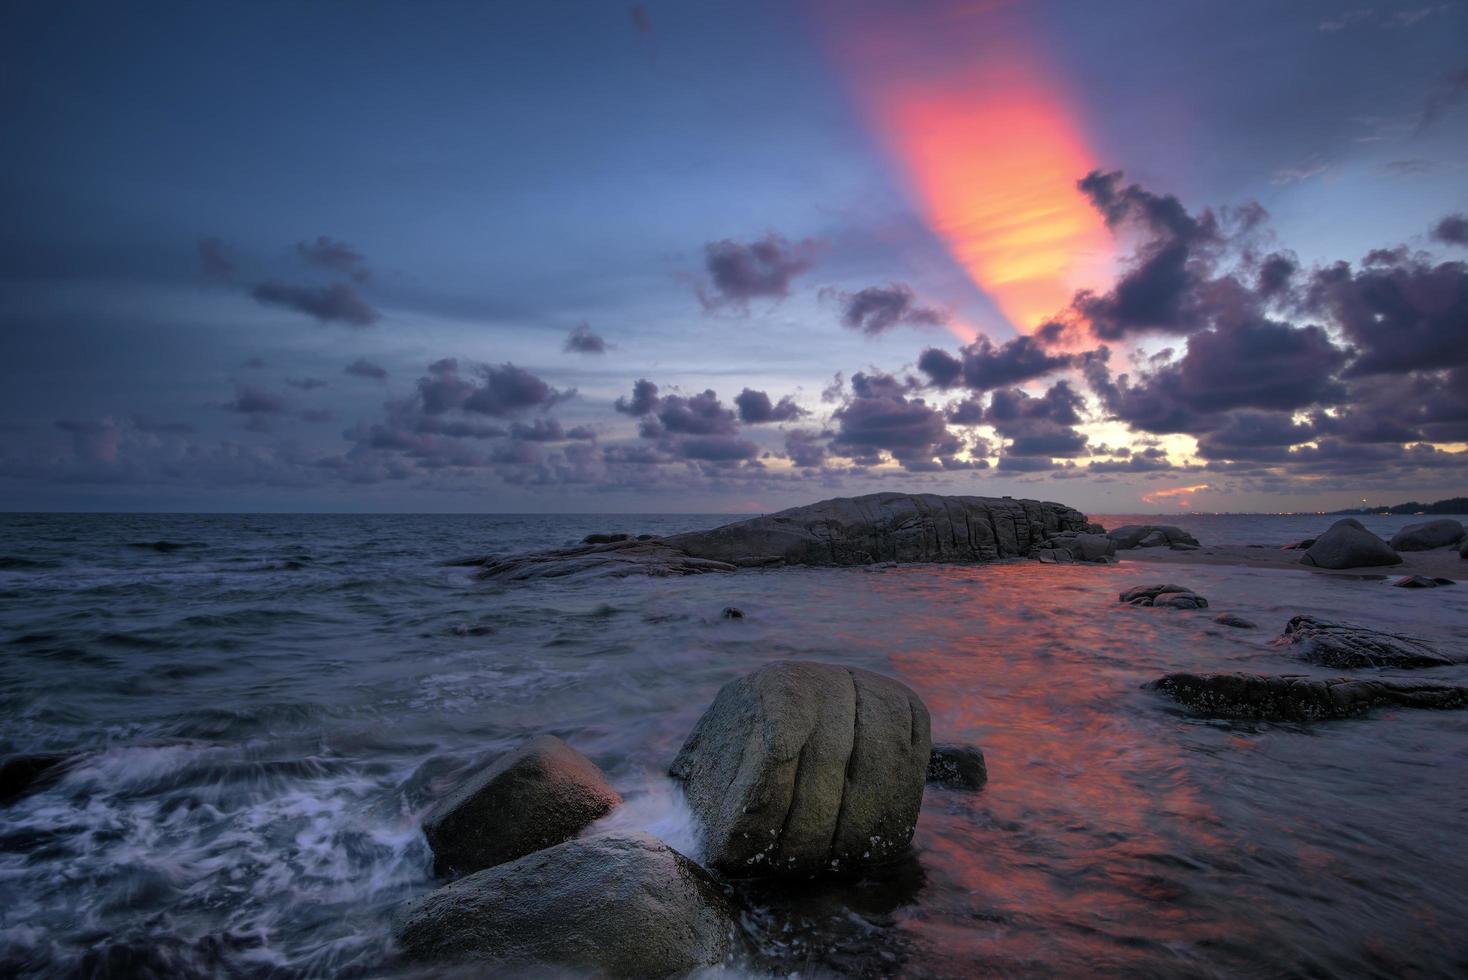 schemering over de zee foto